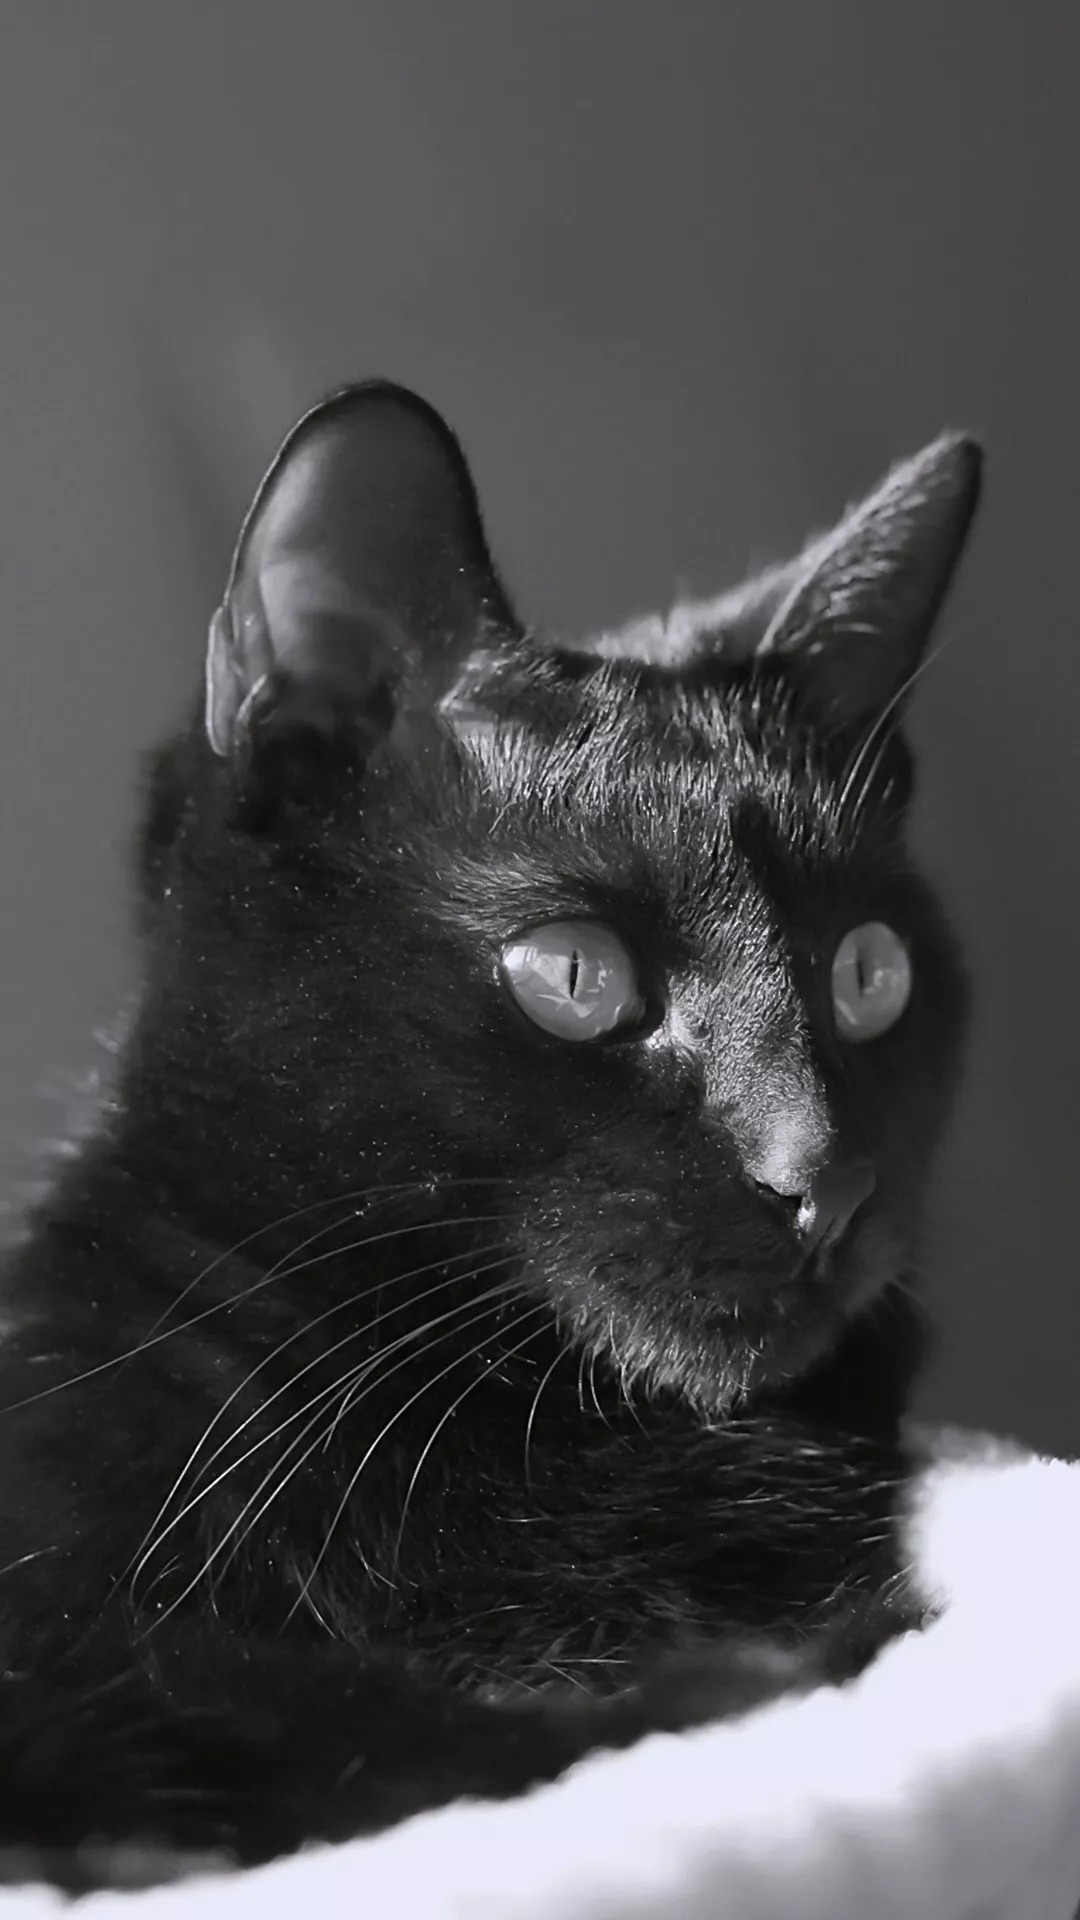 猫片壁纸:猫咪(黑猫图片)插图13